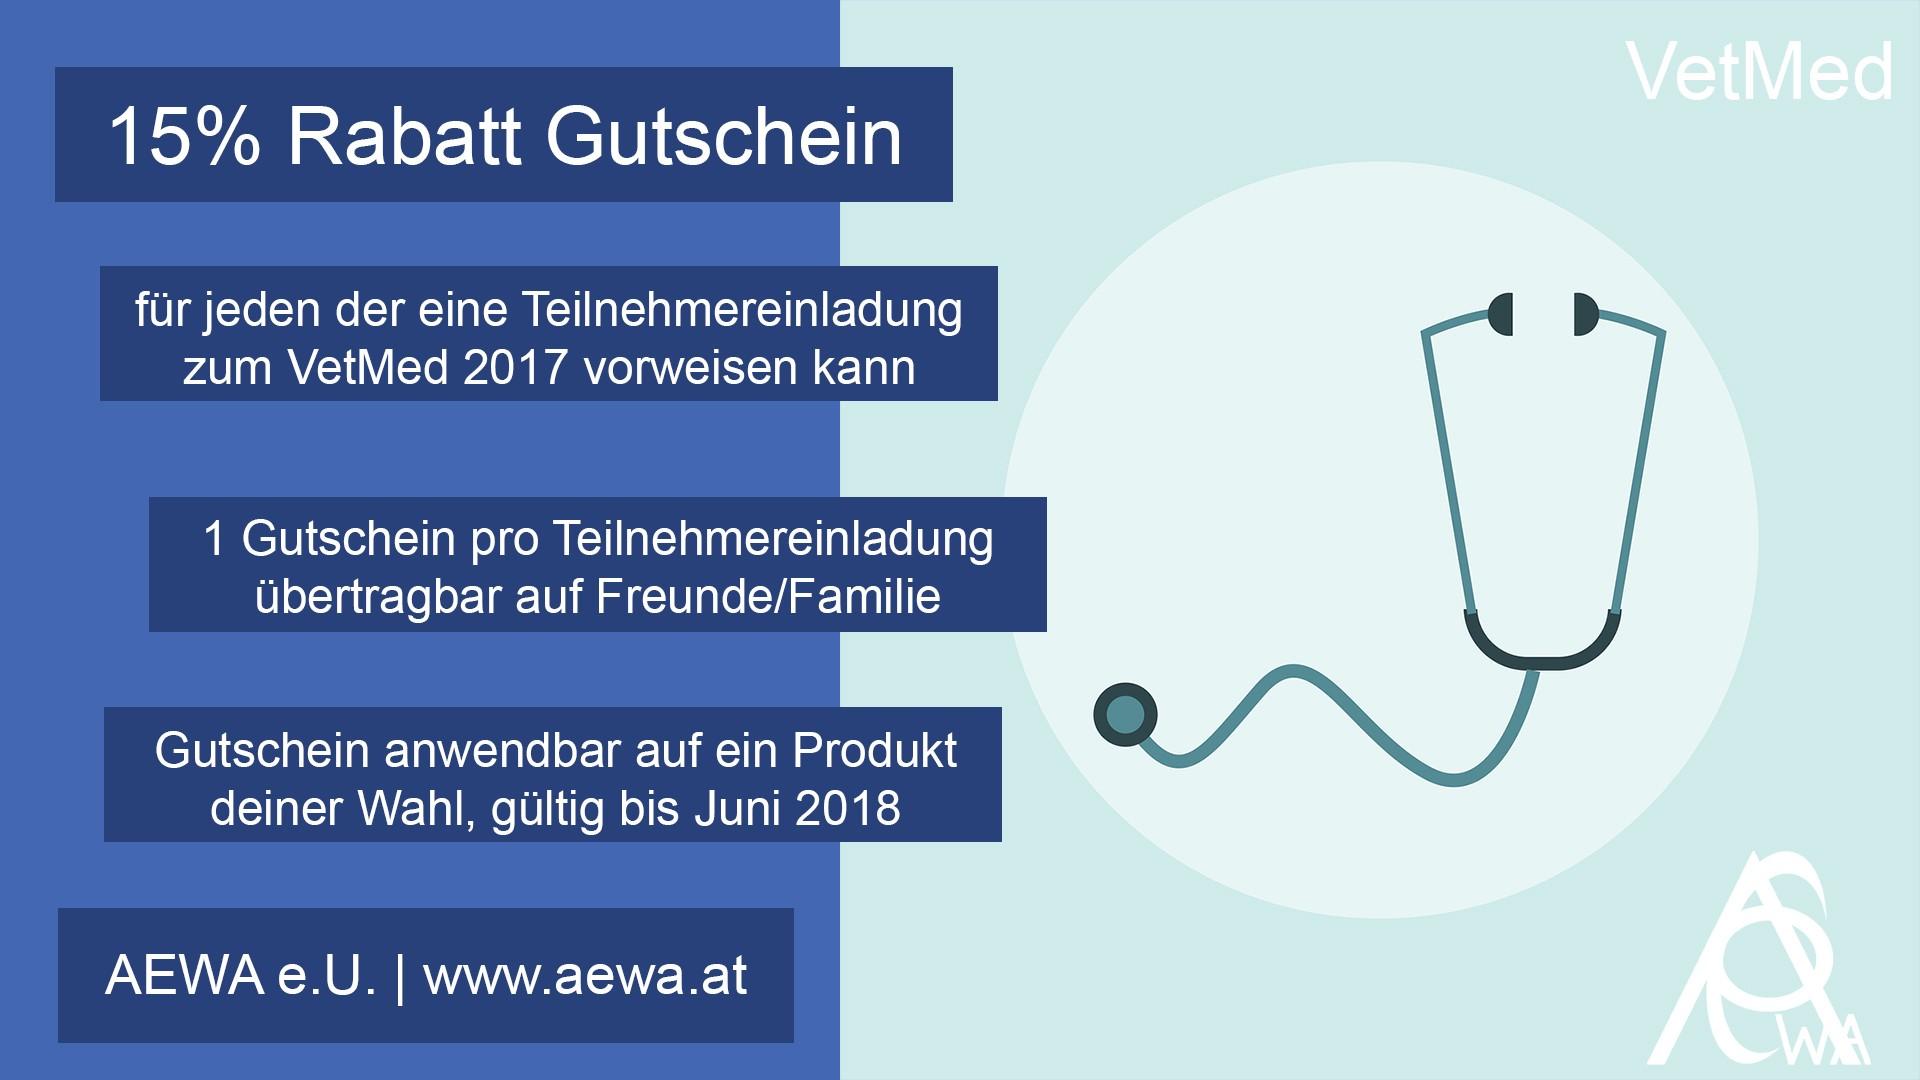 VetMed2017 Gutschein